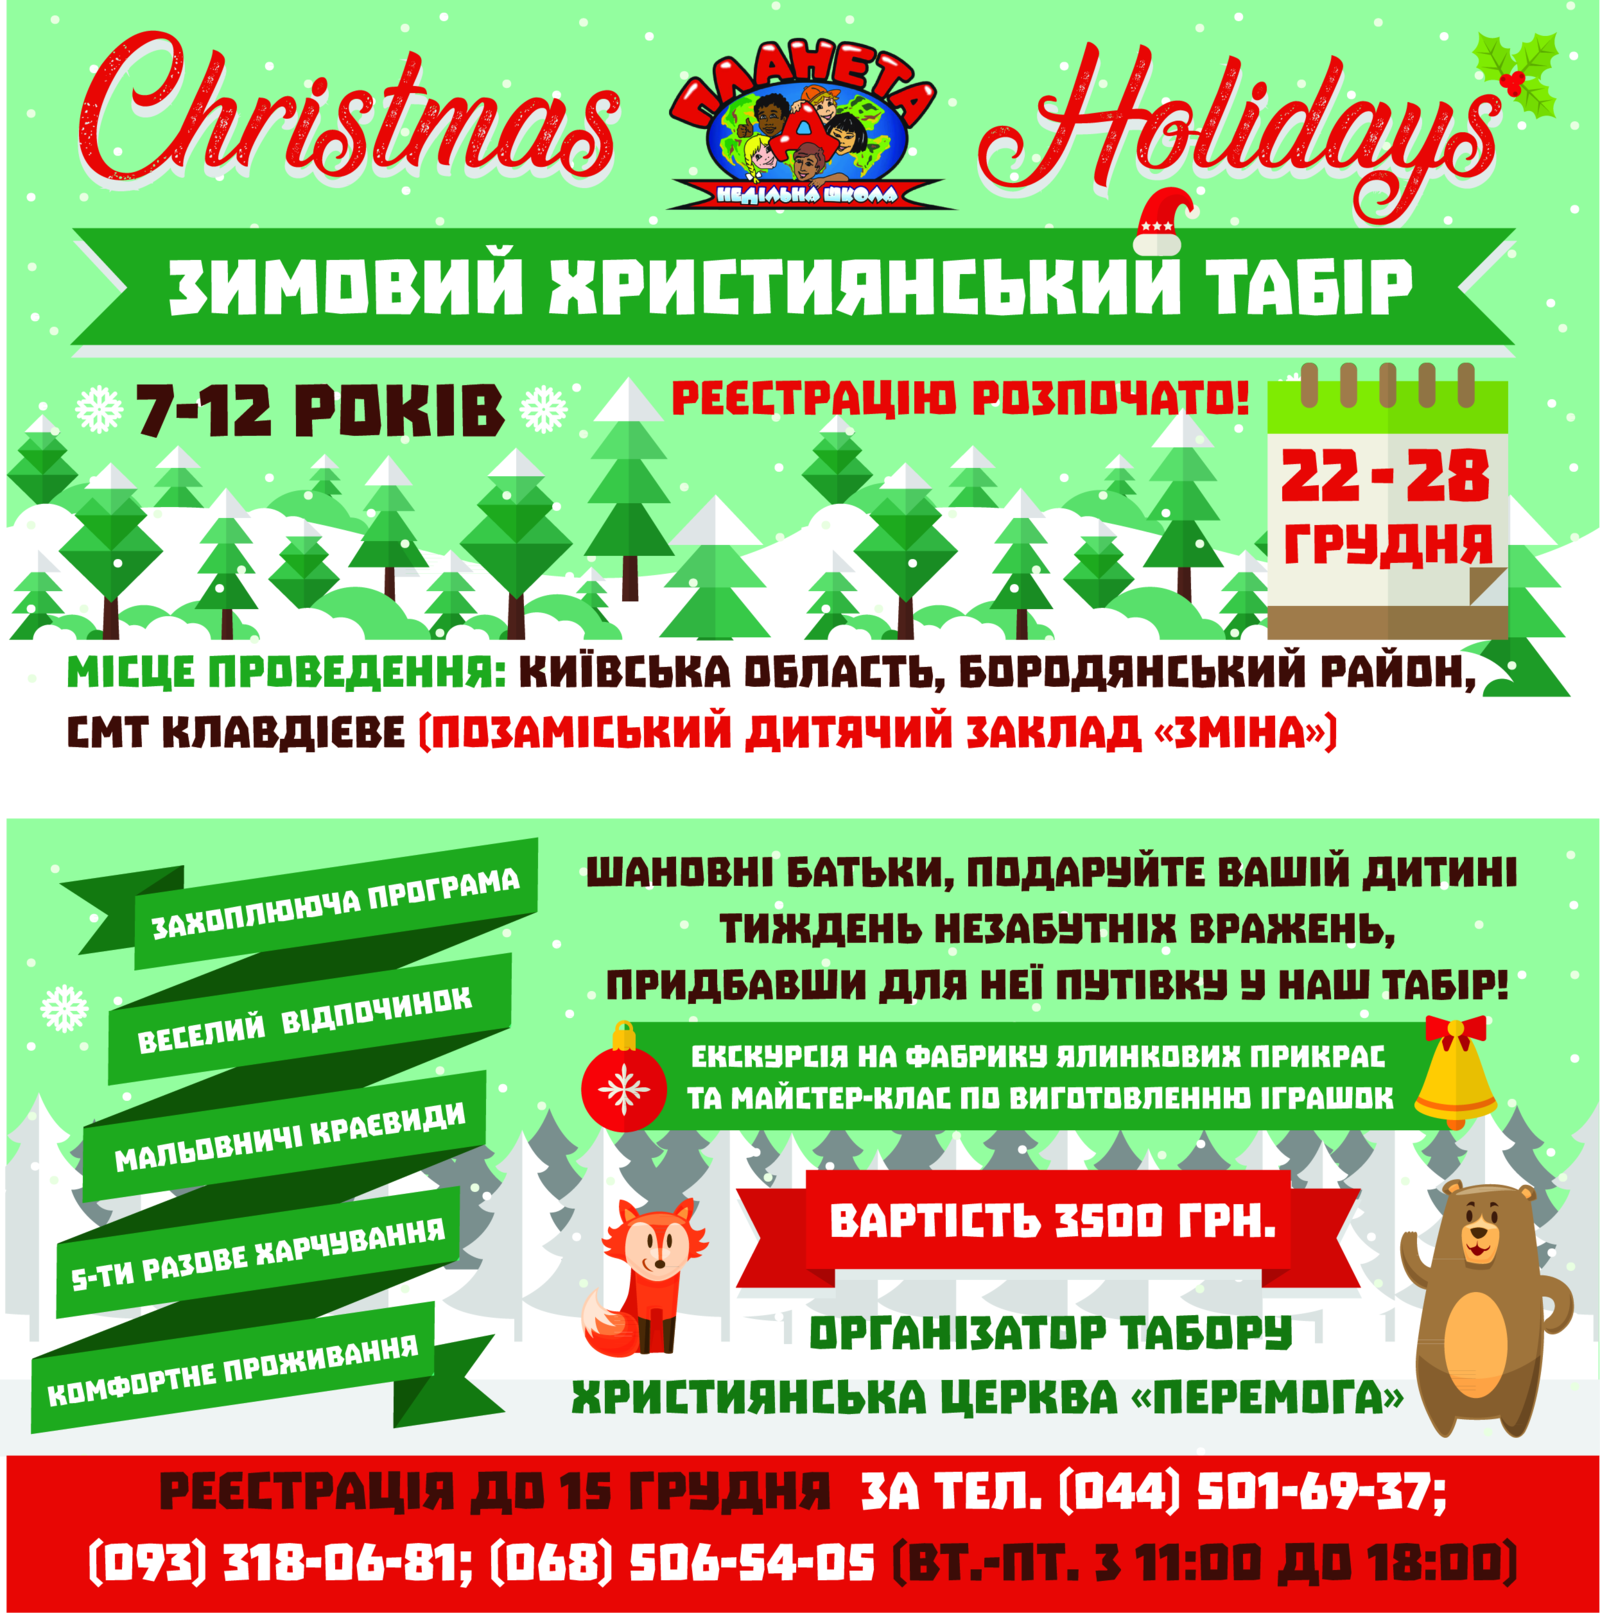 Зимовий табір для дітей 7-12 років. 22 - 28 грудня.